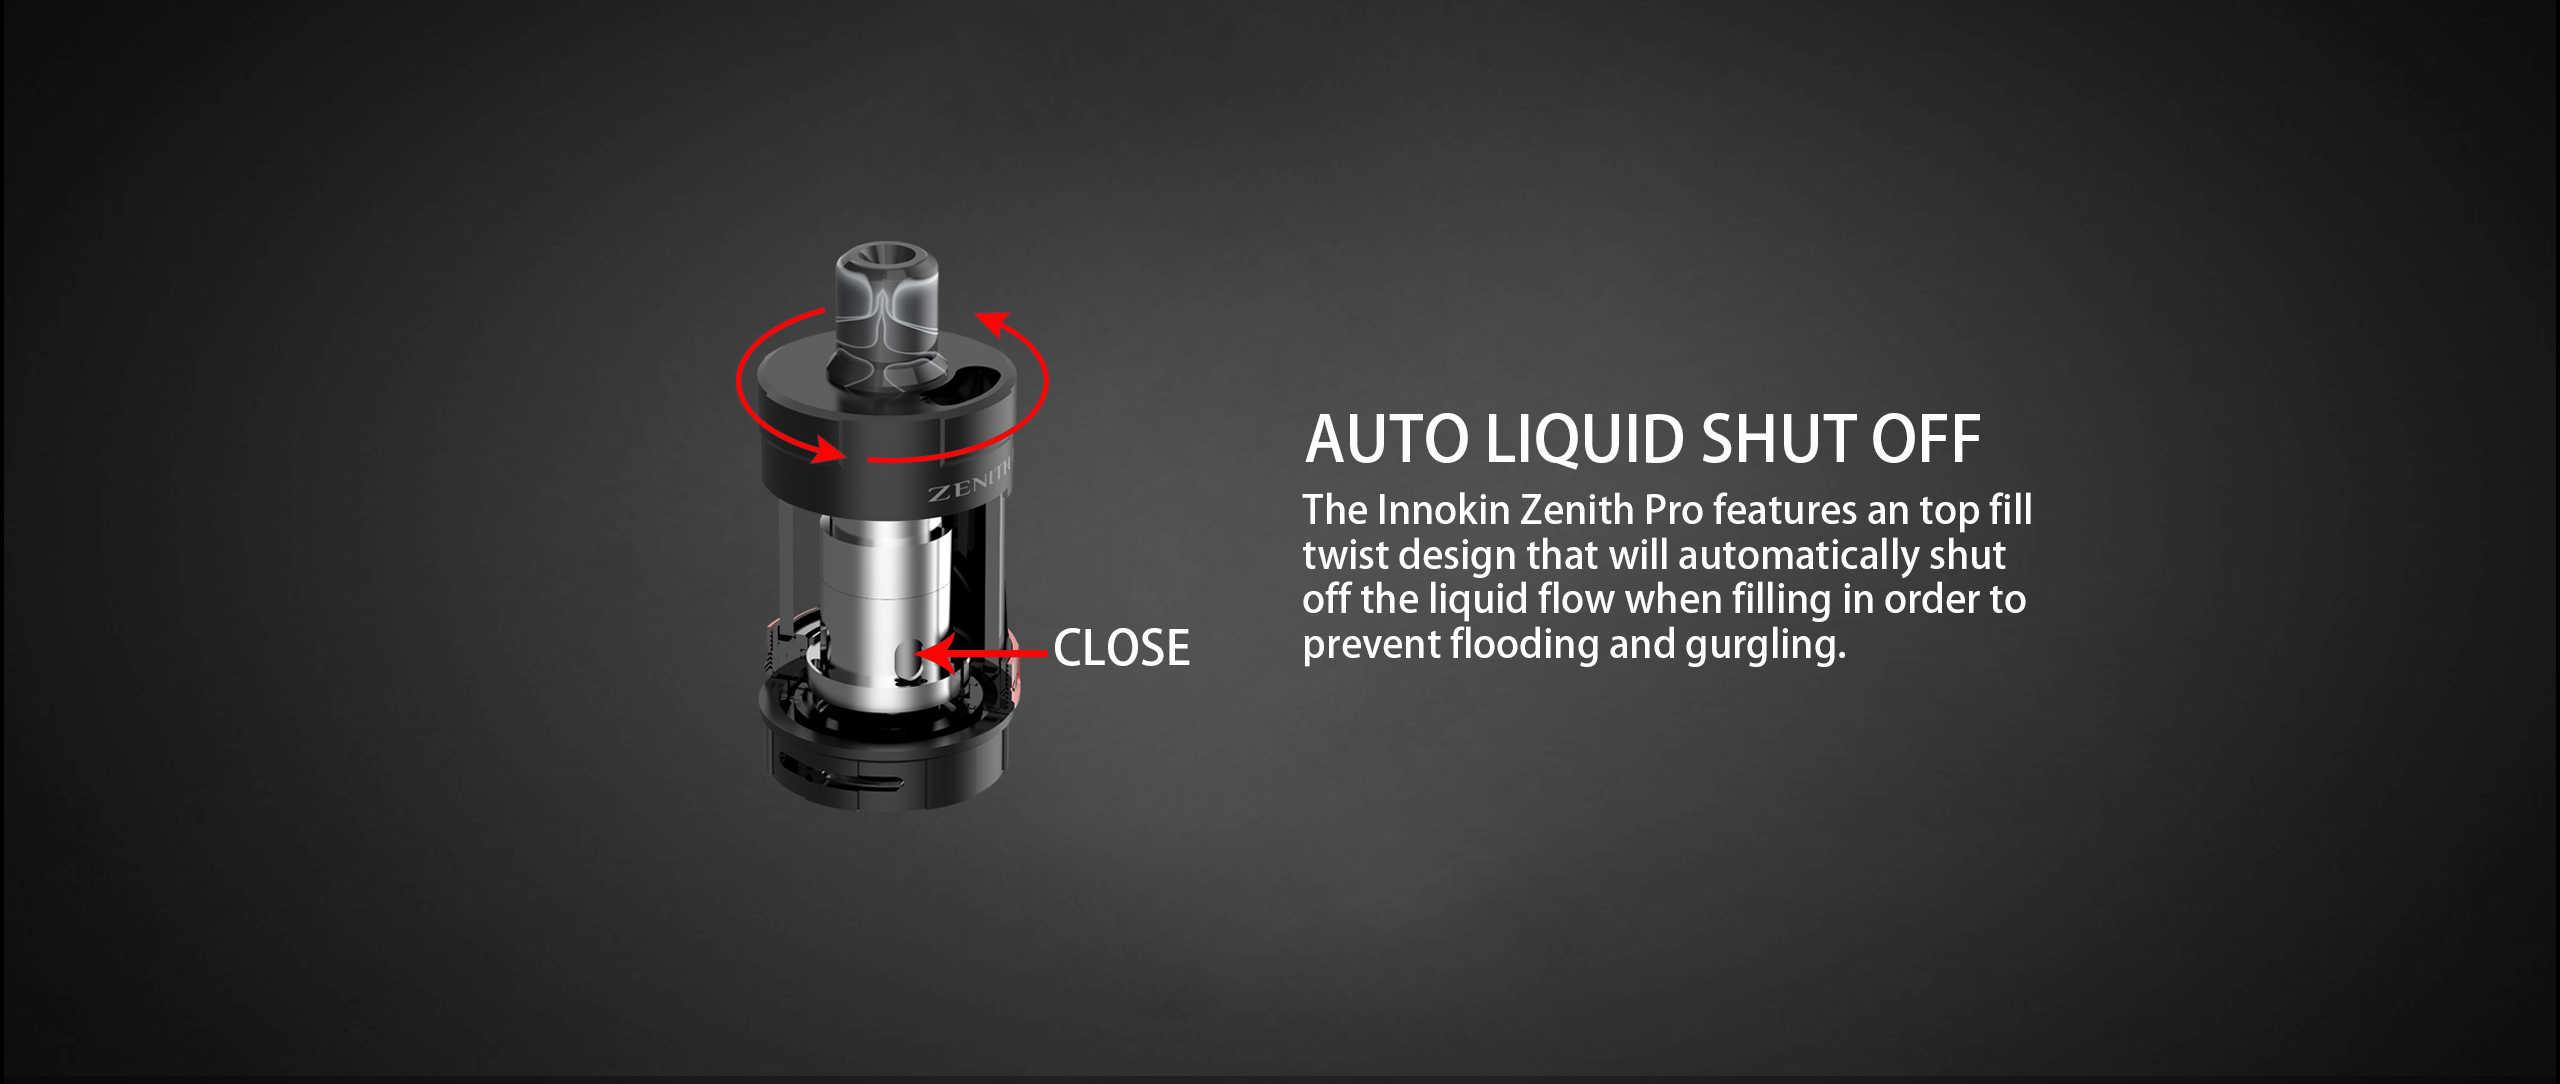 zenith_pro_tank_vape_experts_by_innokin_